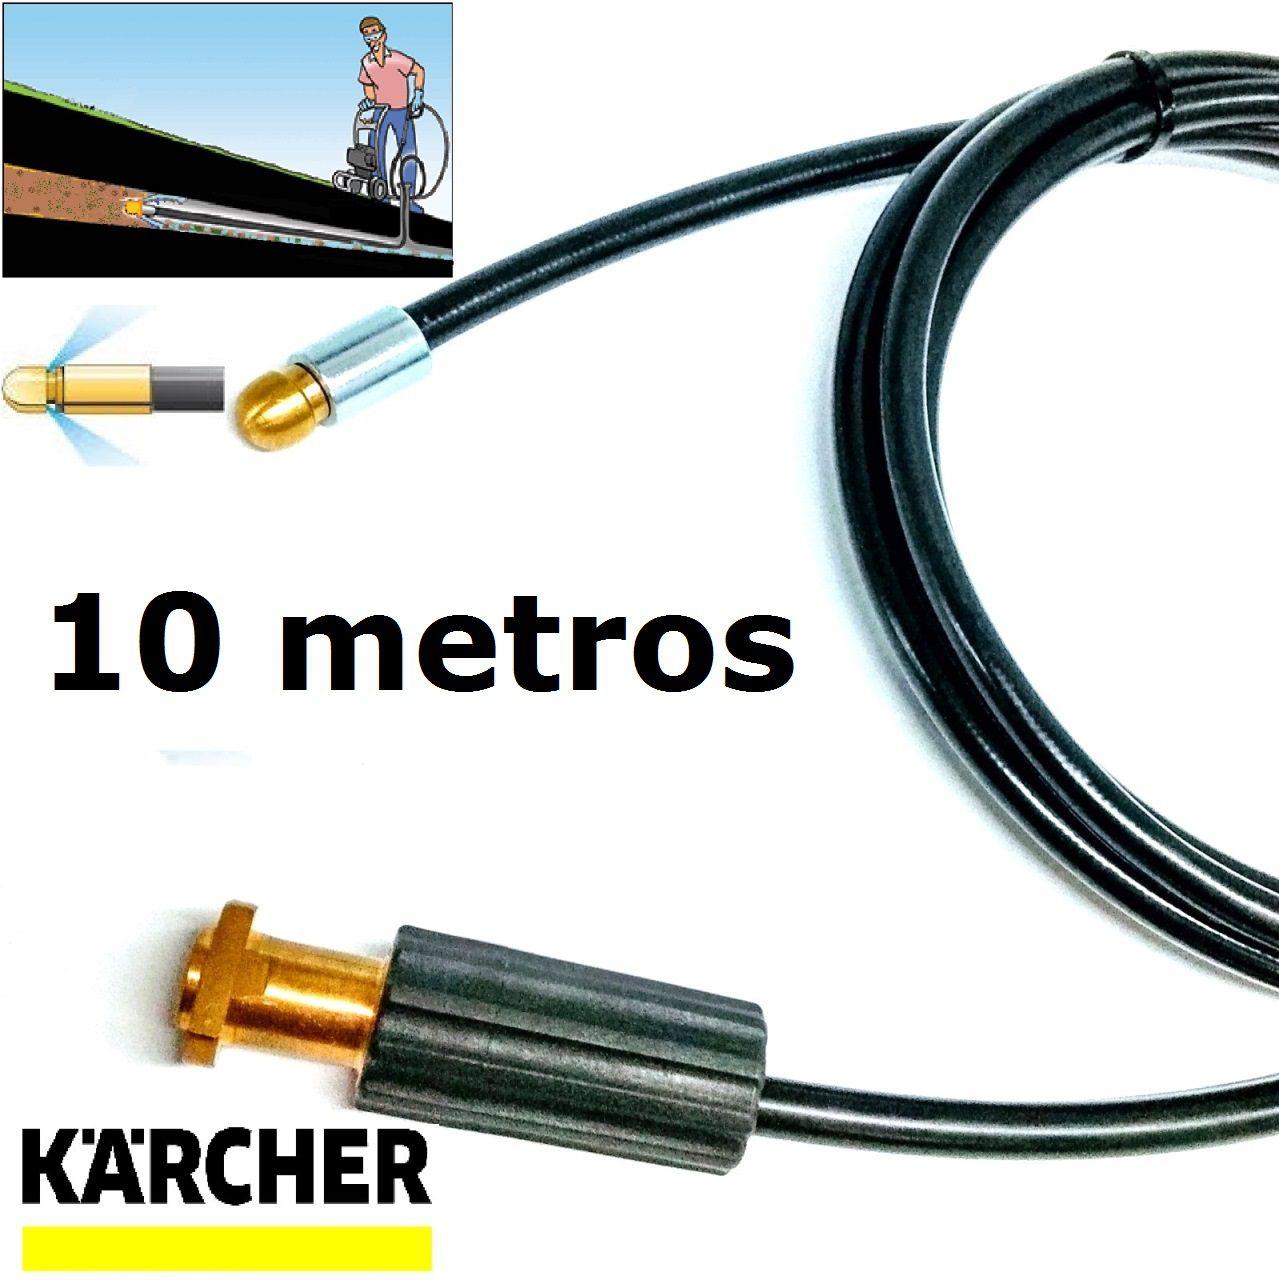 Mangueira desentupidora de tubulação para Karcher 10 Metros - k1 , k2 , k3 , k4 , k5